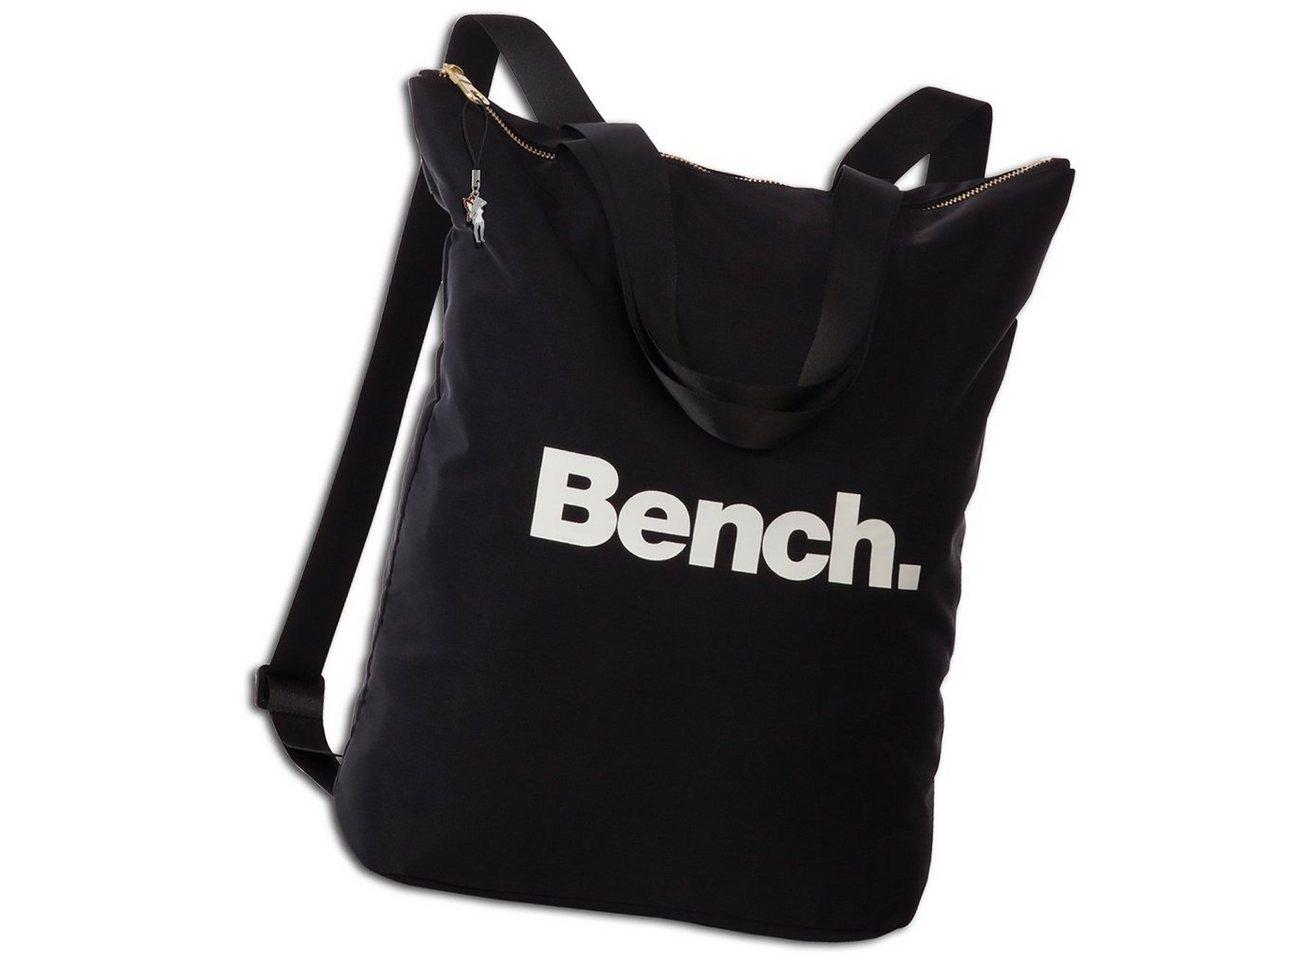 bench. -  Cityrucksack »ORI303X Bench Cityrucksack 30x40x13«, Damen, Jugend Cityrucksack, Henkeltasche Nylon, schwarz